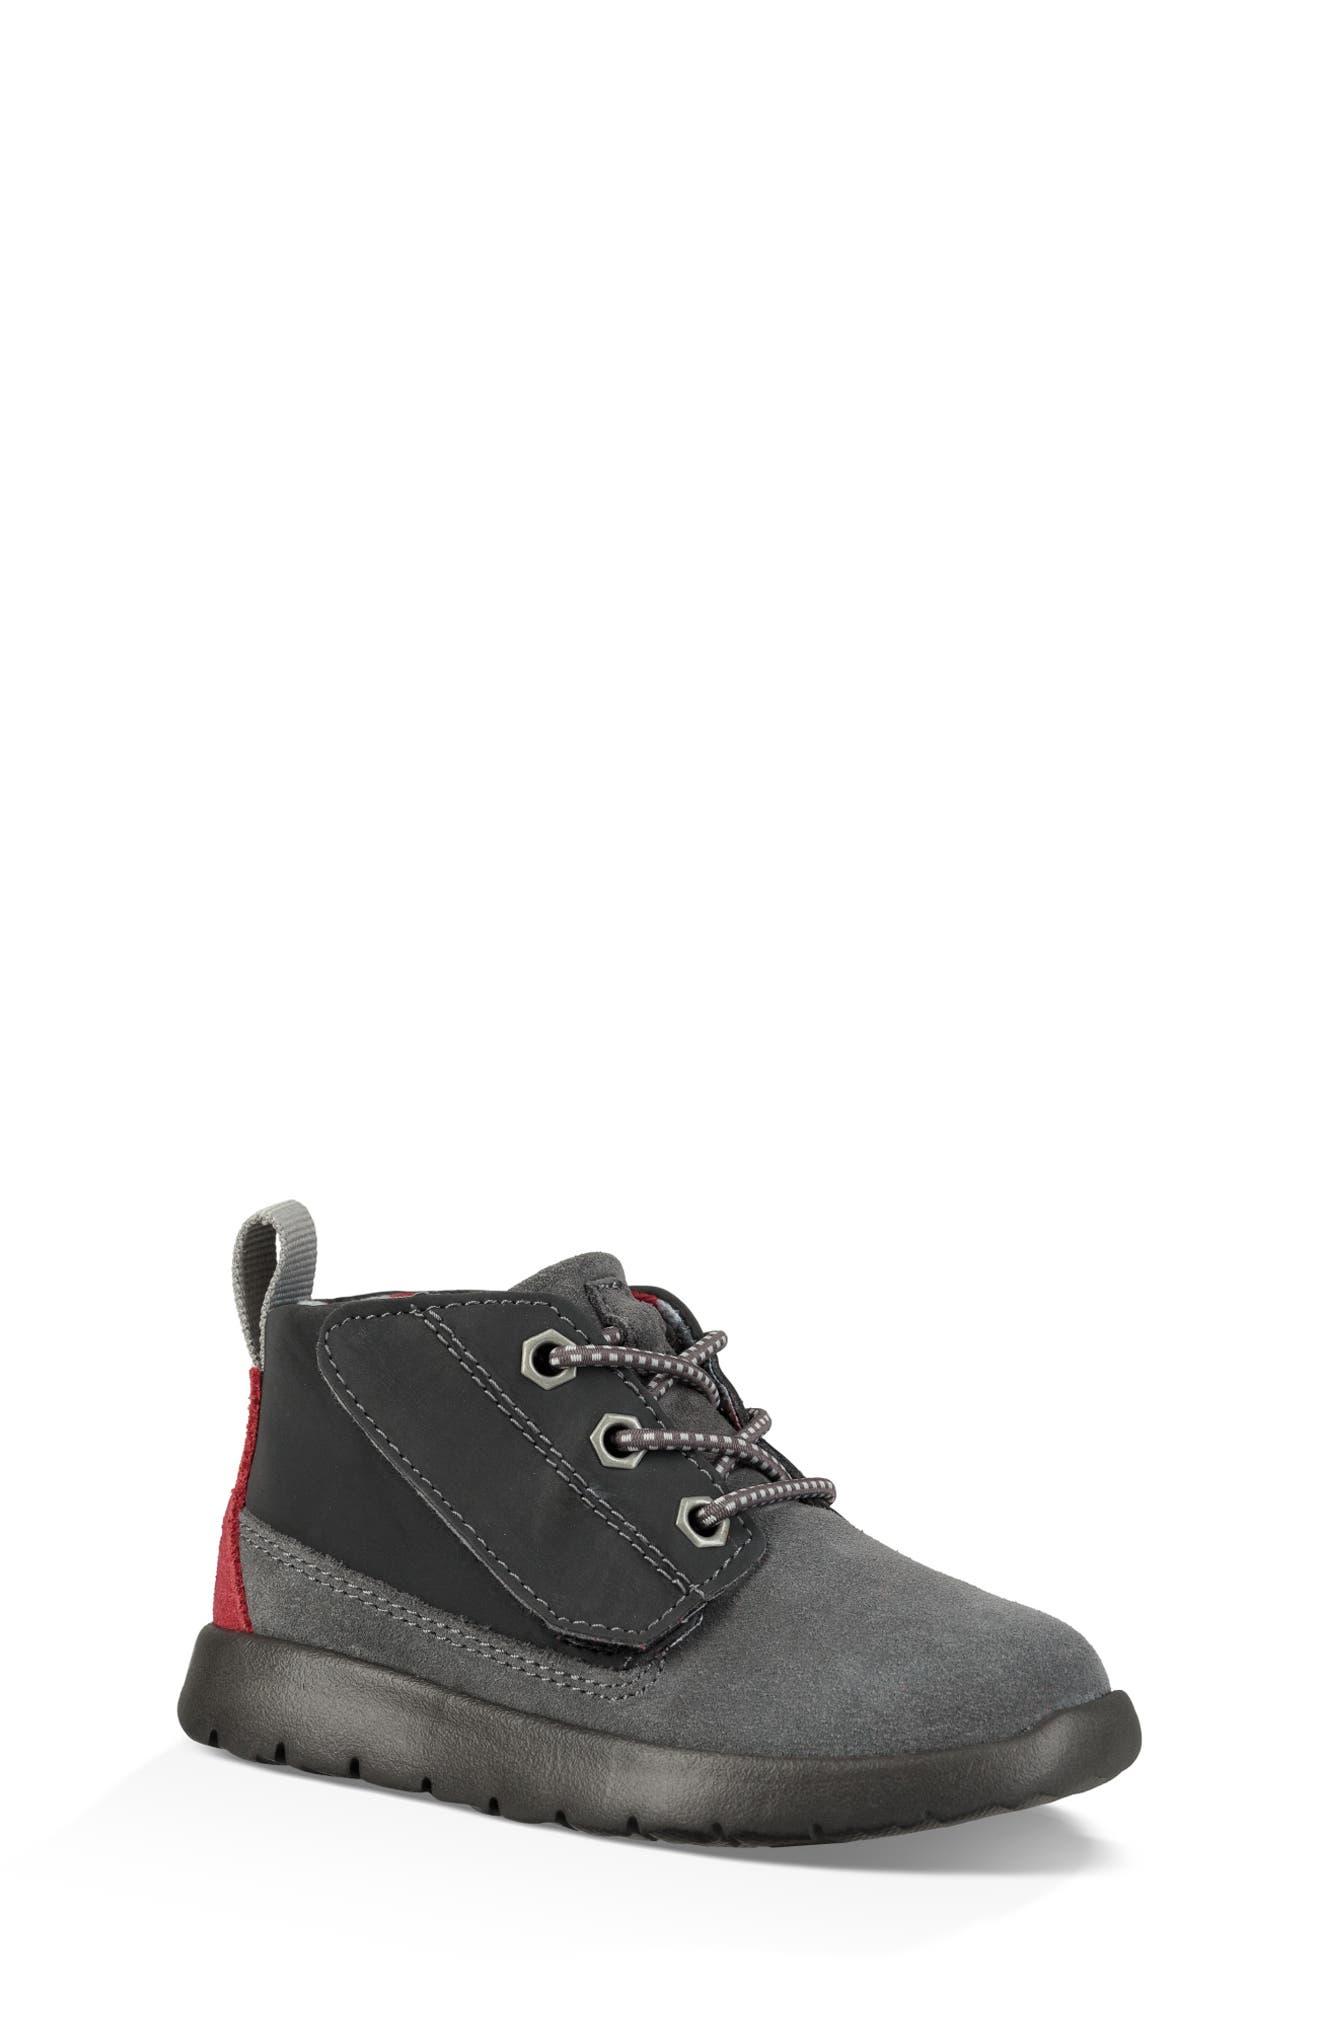 Canoe Chukka Sneaker,                         Main,                         color, GREY / BLACK